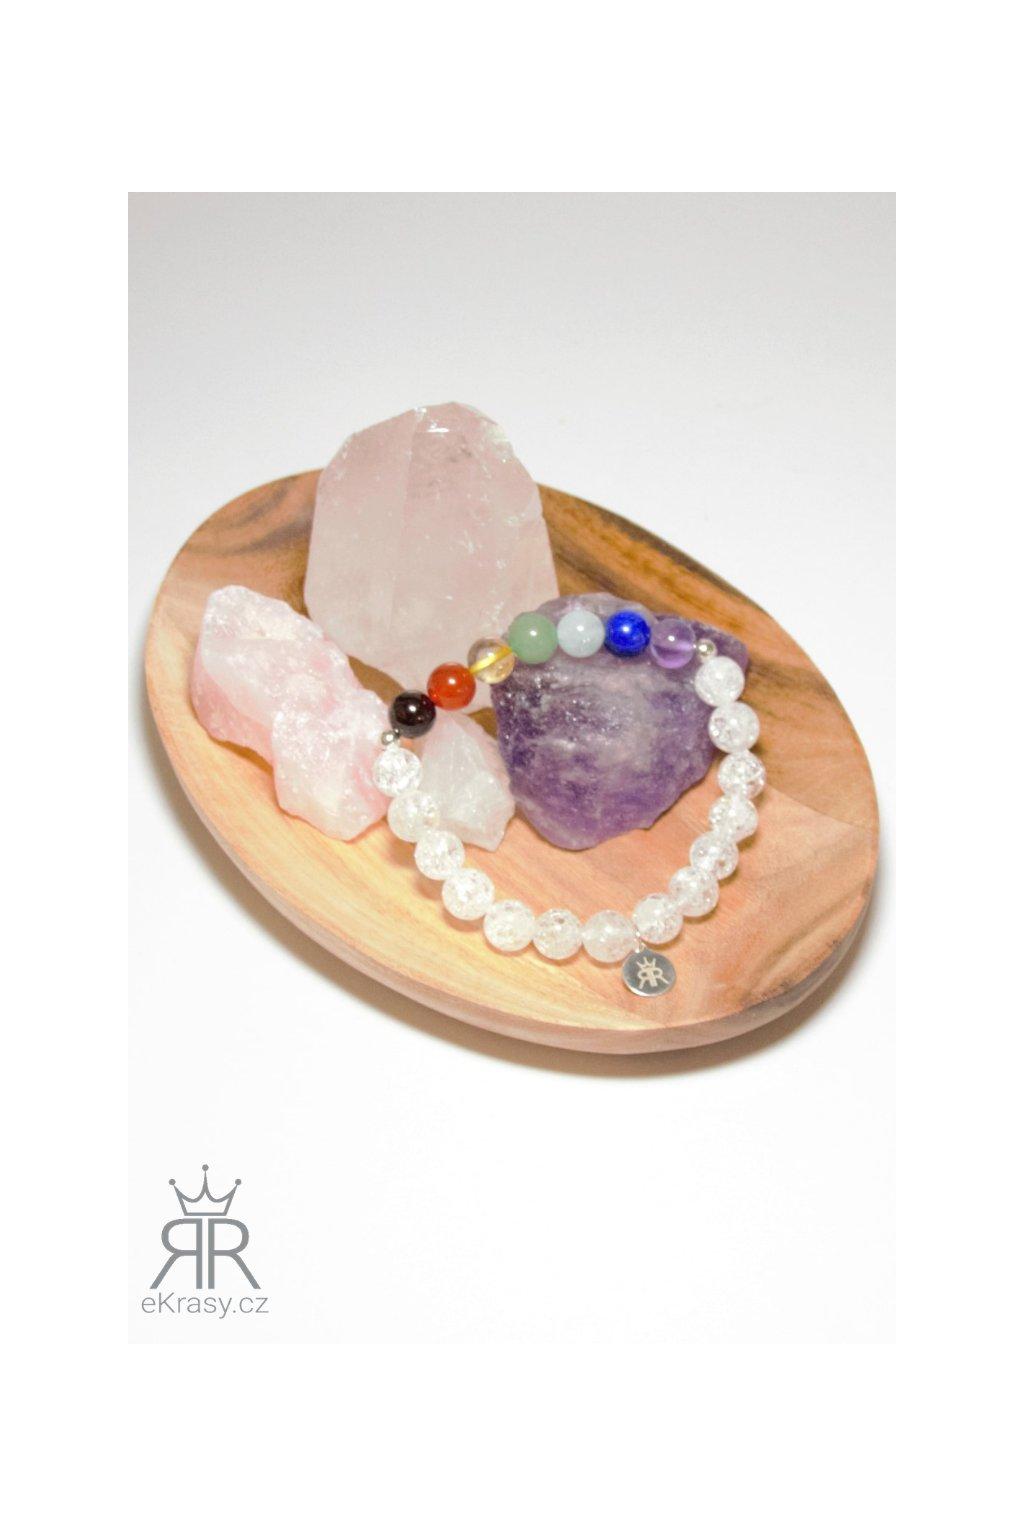 eKrasy náramek Čakry Empat s drahými kameny - brazilský granát, karneol, citrín, avanturín, akvamarín, lapis lazuli a ametys, křišťál